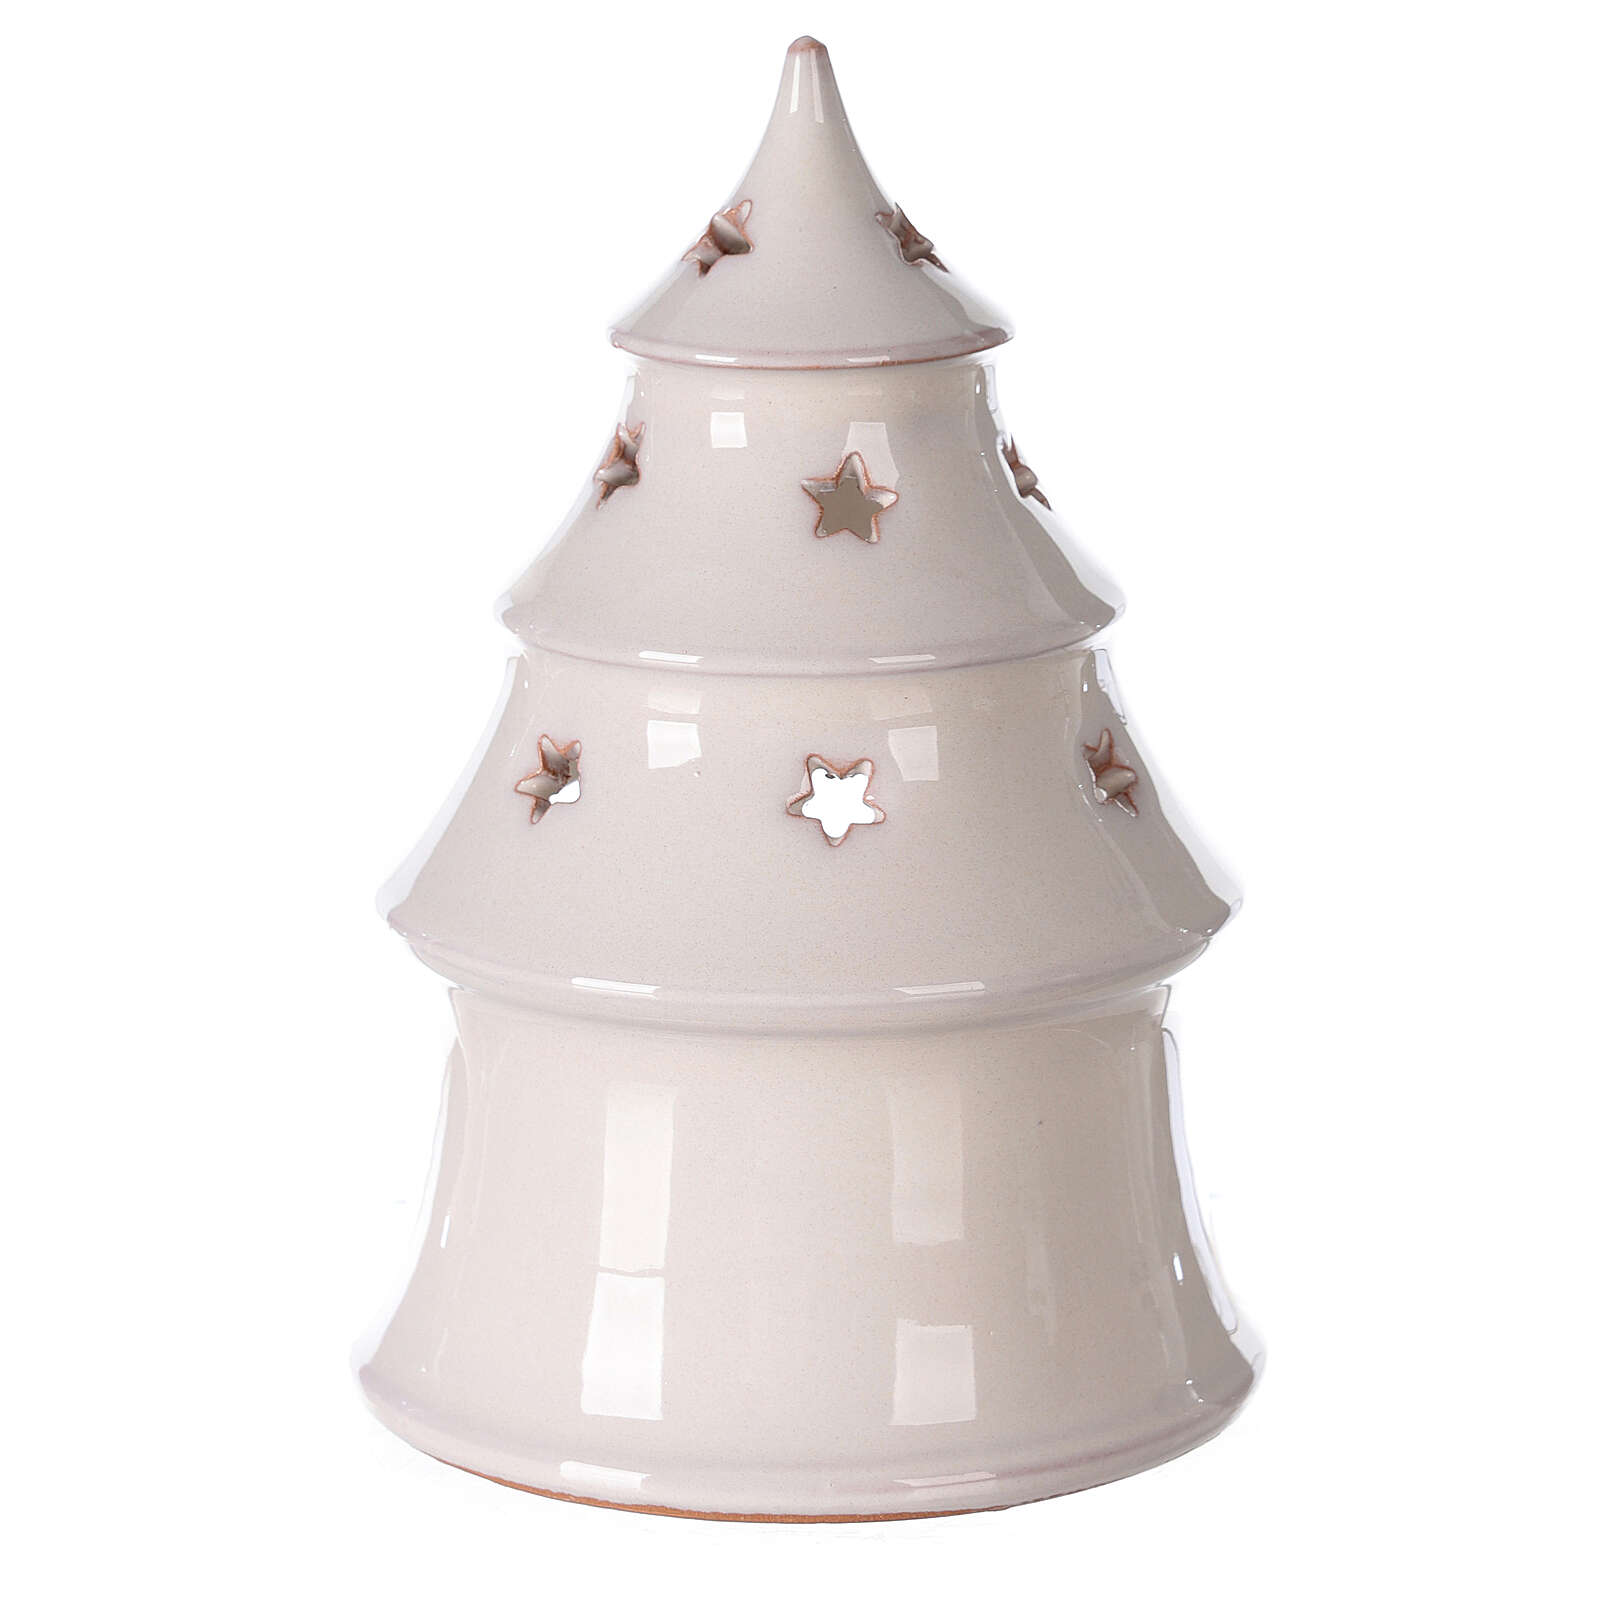 Albero Natale traforato Natività terracotta bianca Deruta 15 cm 4